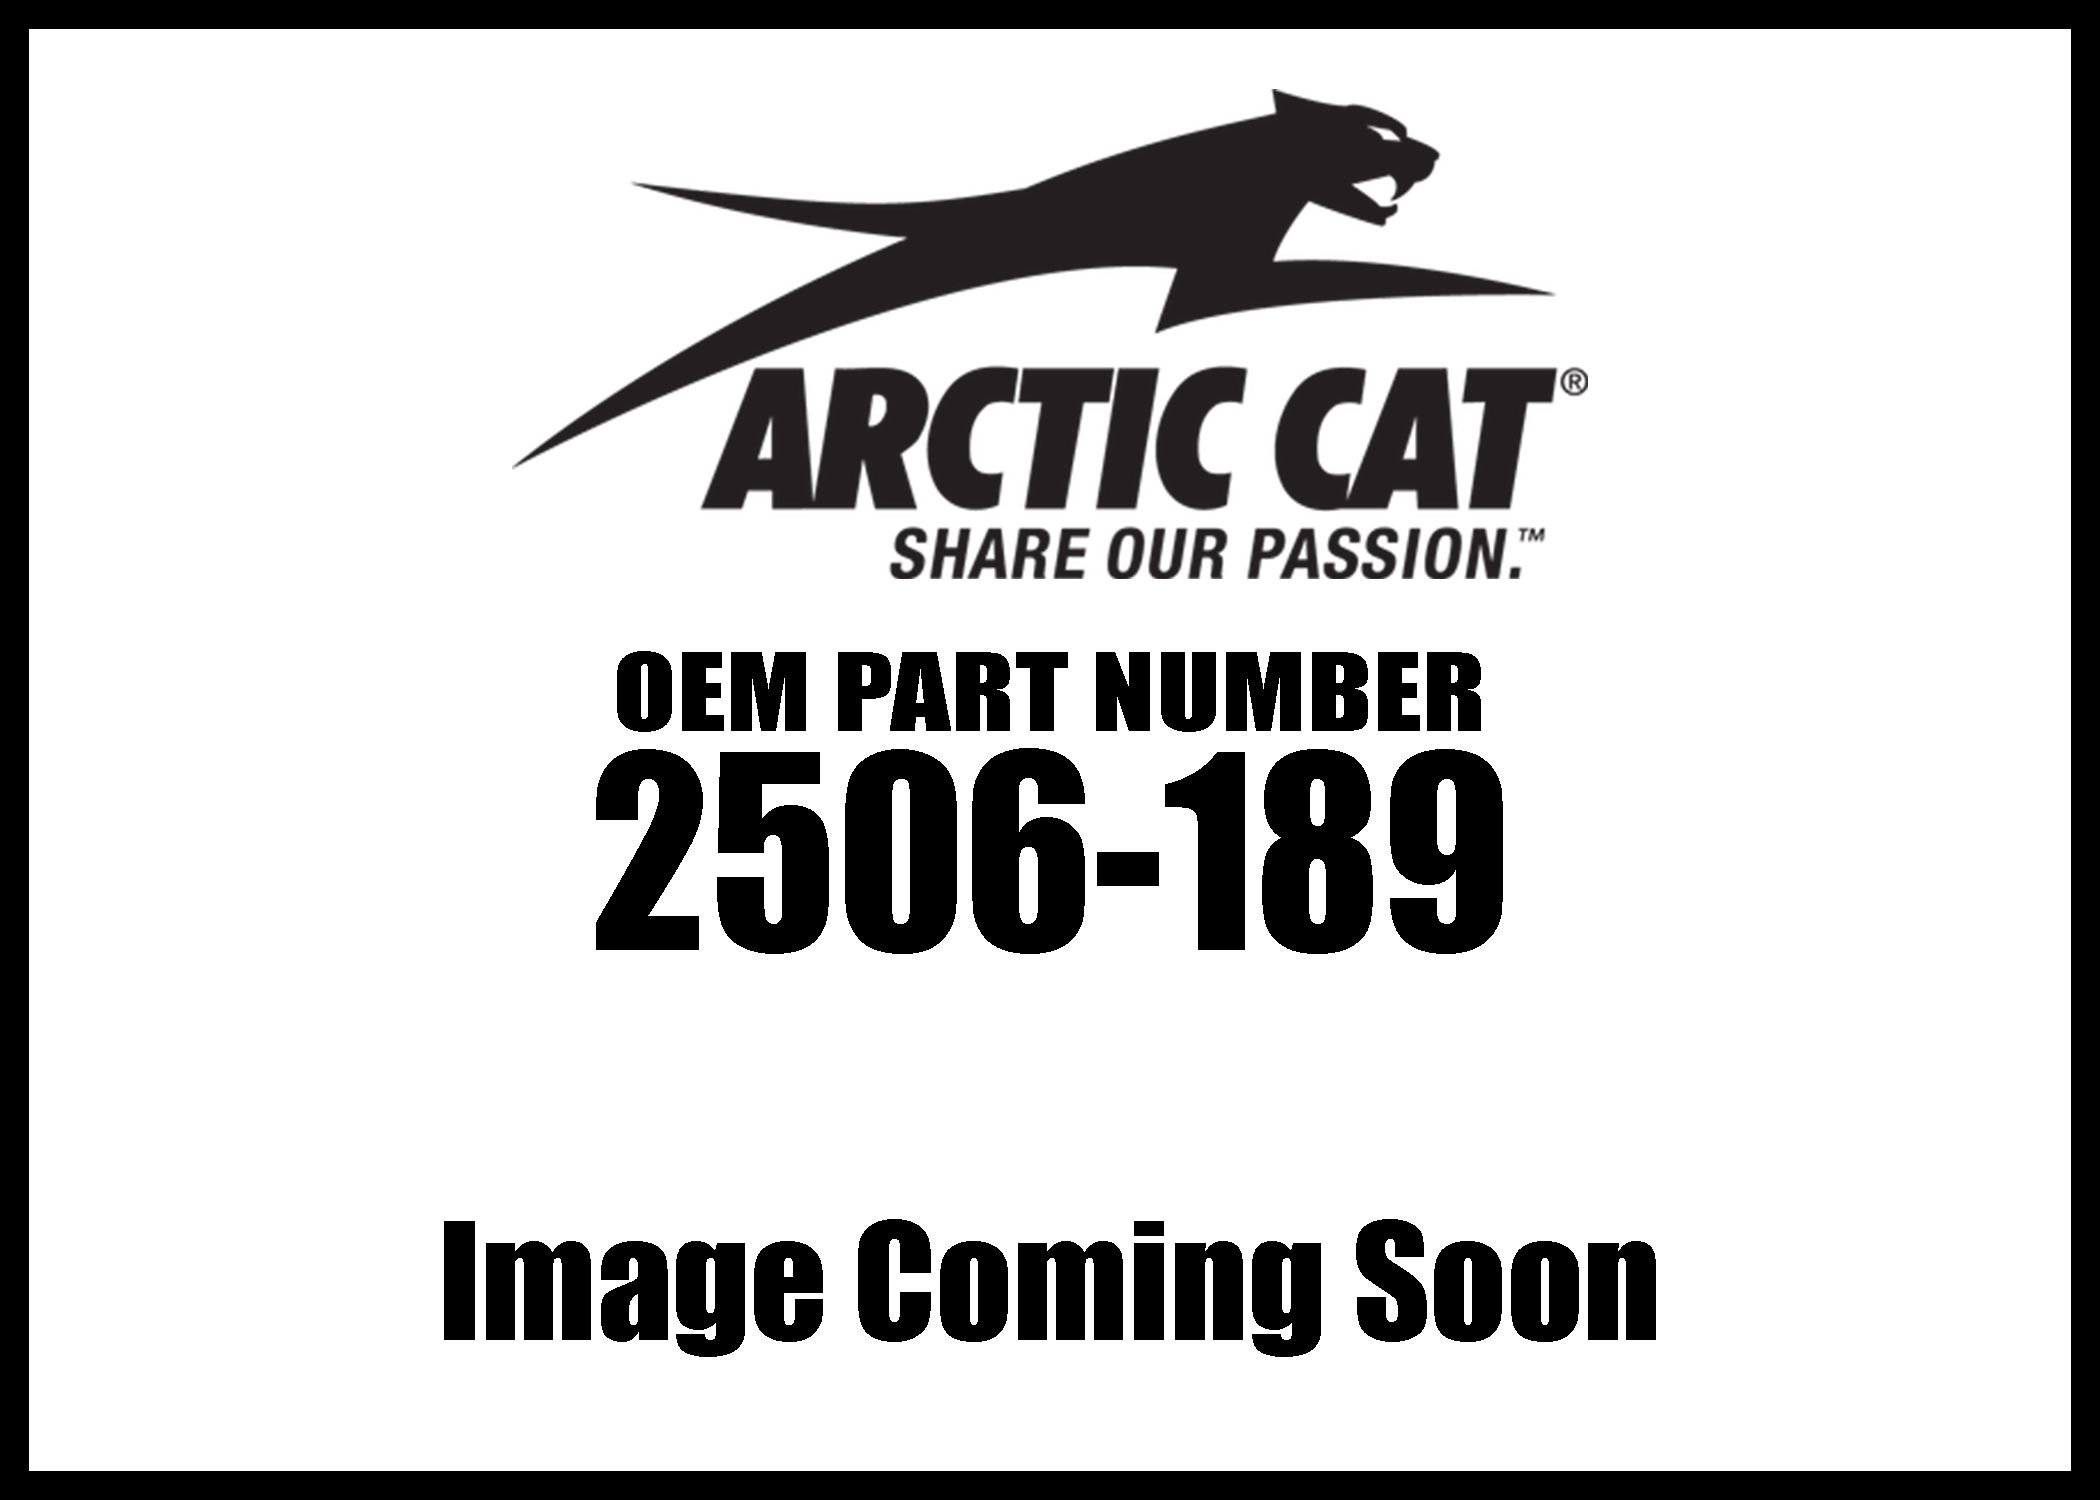 Arctic Cat 2007-2015 Atv 700 Diesel International Atv 700 Diesel Mount Motor Front Black 2506-189 New Oem